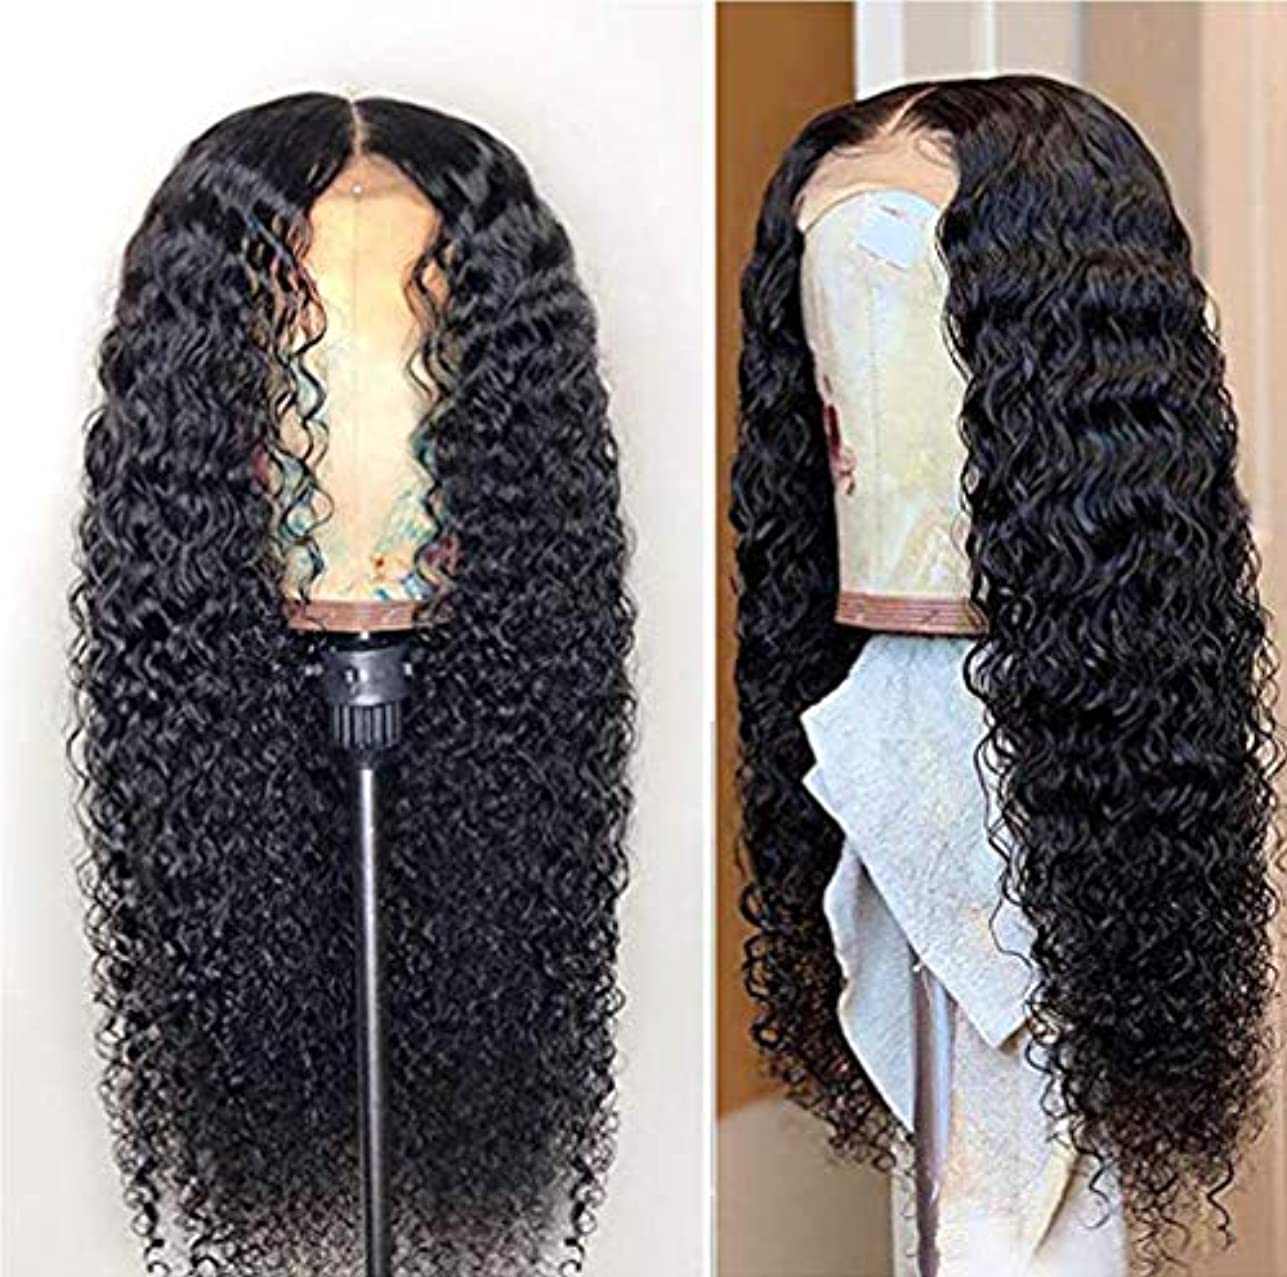 対人攻撃的ベテラン女性150%密度フロントレースかつら耐熱合成長い髪の合成かつら側部かつら